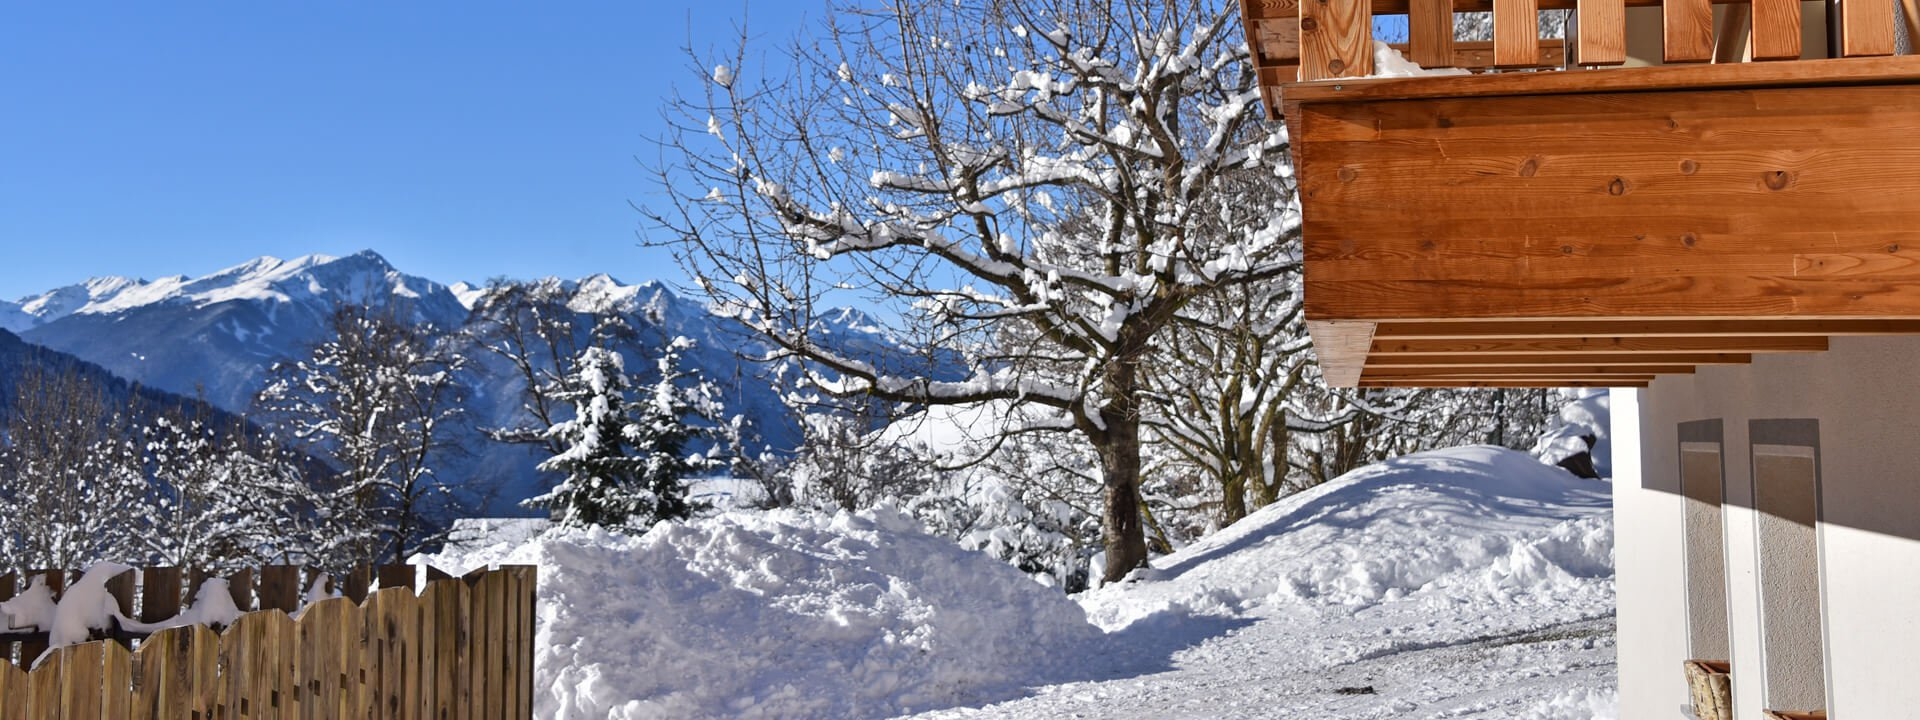 winterurlaub-auf-dem-bauernhof-suedtirol-02